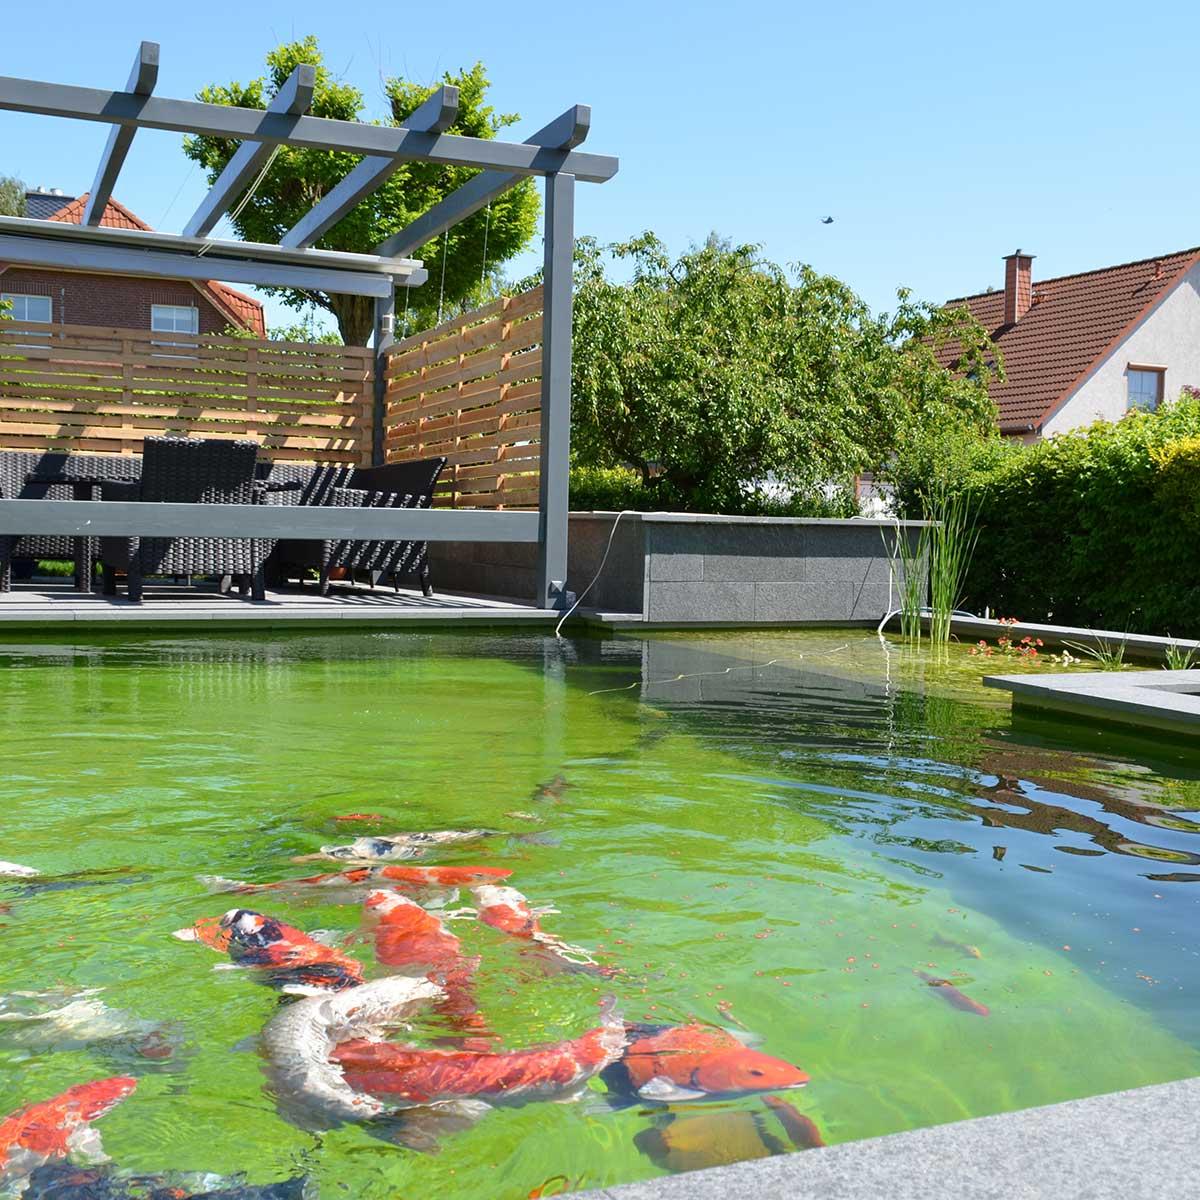 Gartenteich von friedrichs galabau aus braunschweig for Gartenteiche bilder